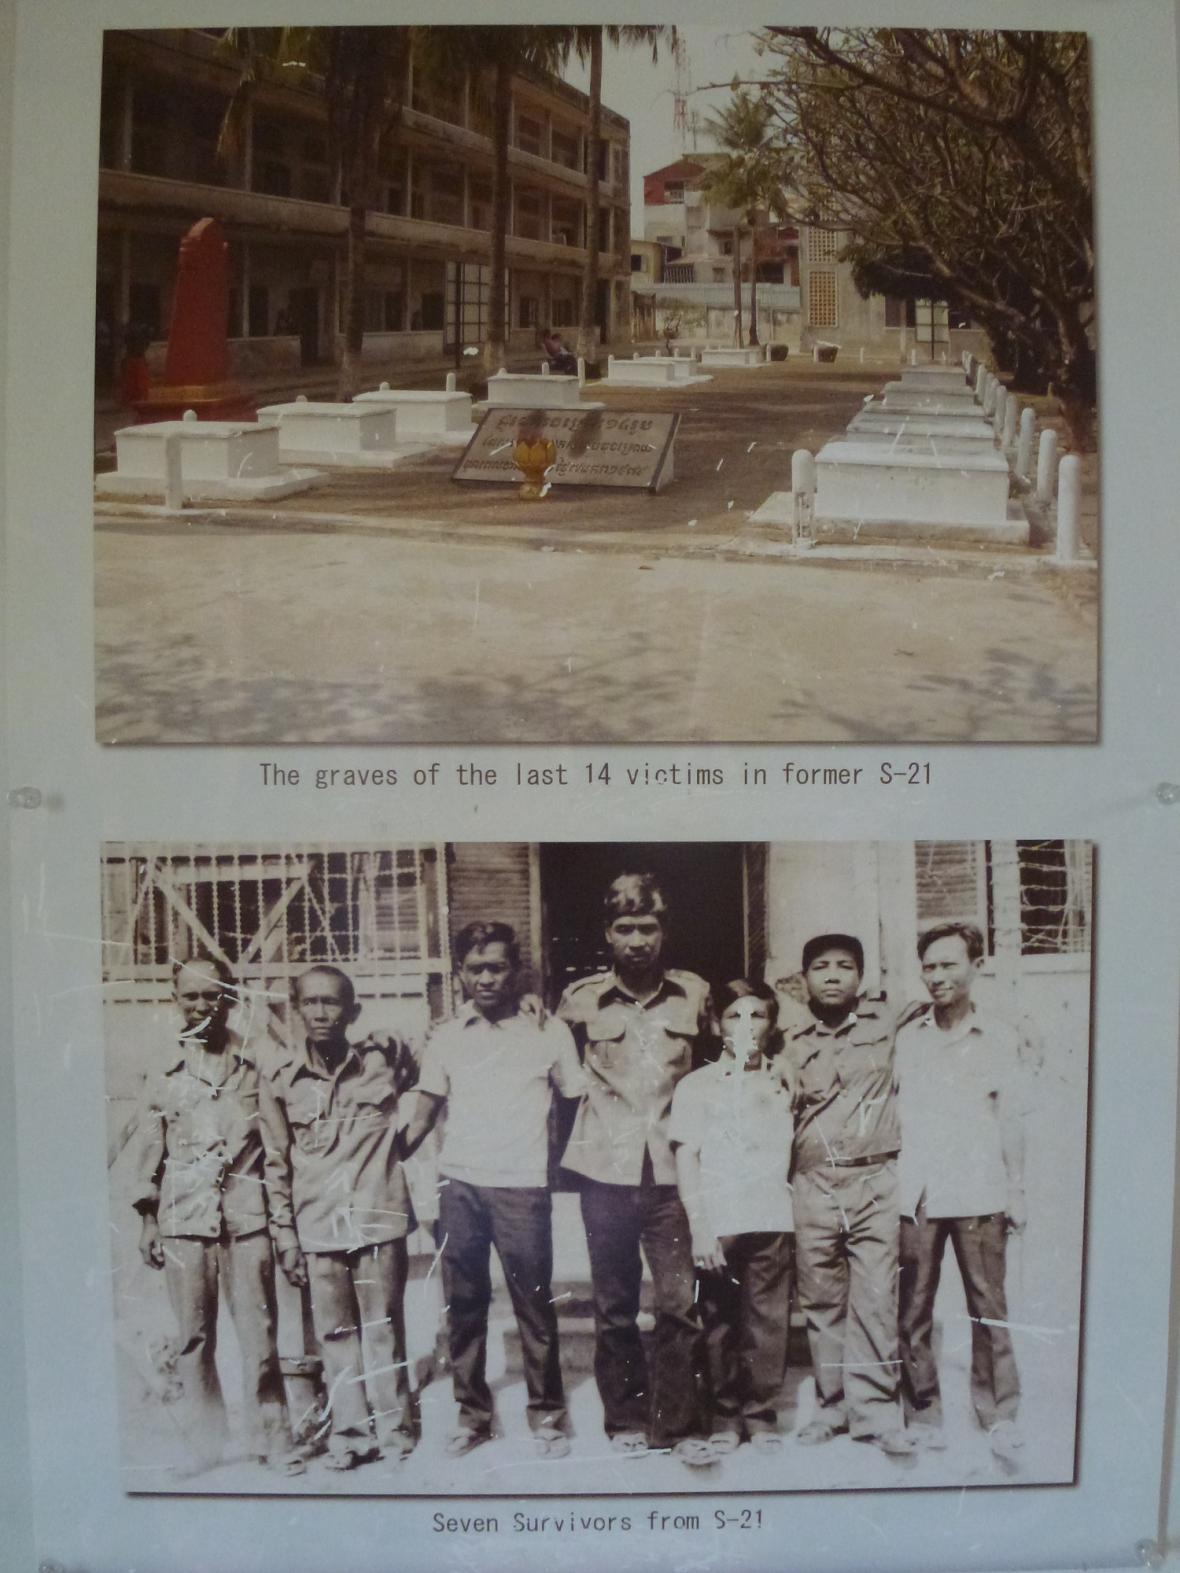 Hroby posledních 14 zabitých vězňů a sedm přeživších